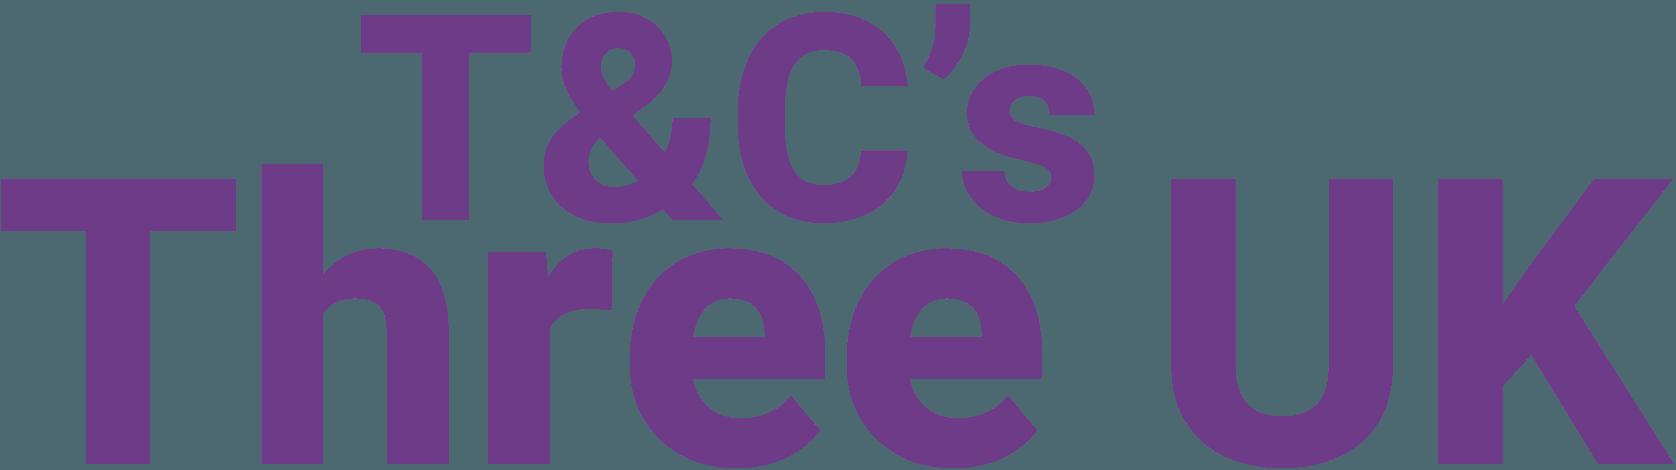 T&Cs – ThreeUK